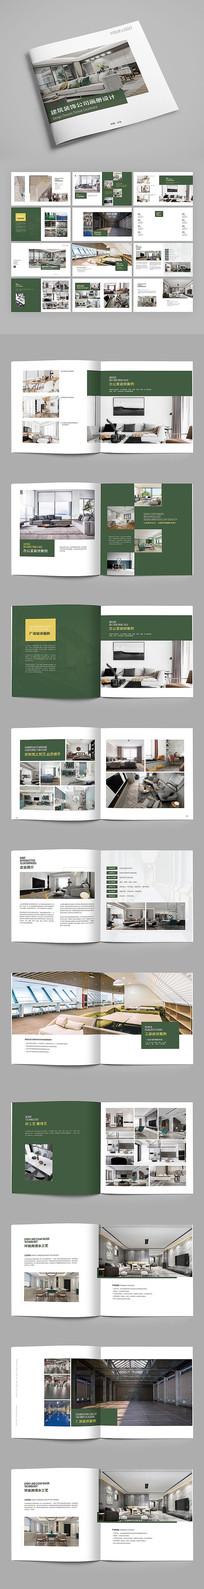 建筑装饰公司画册设计